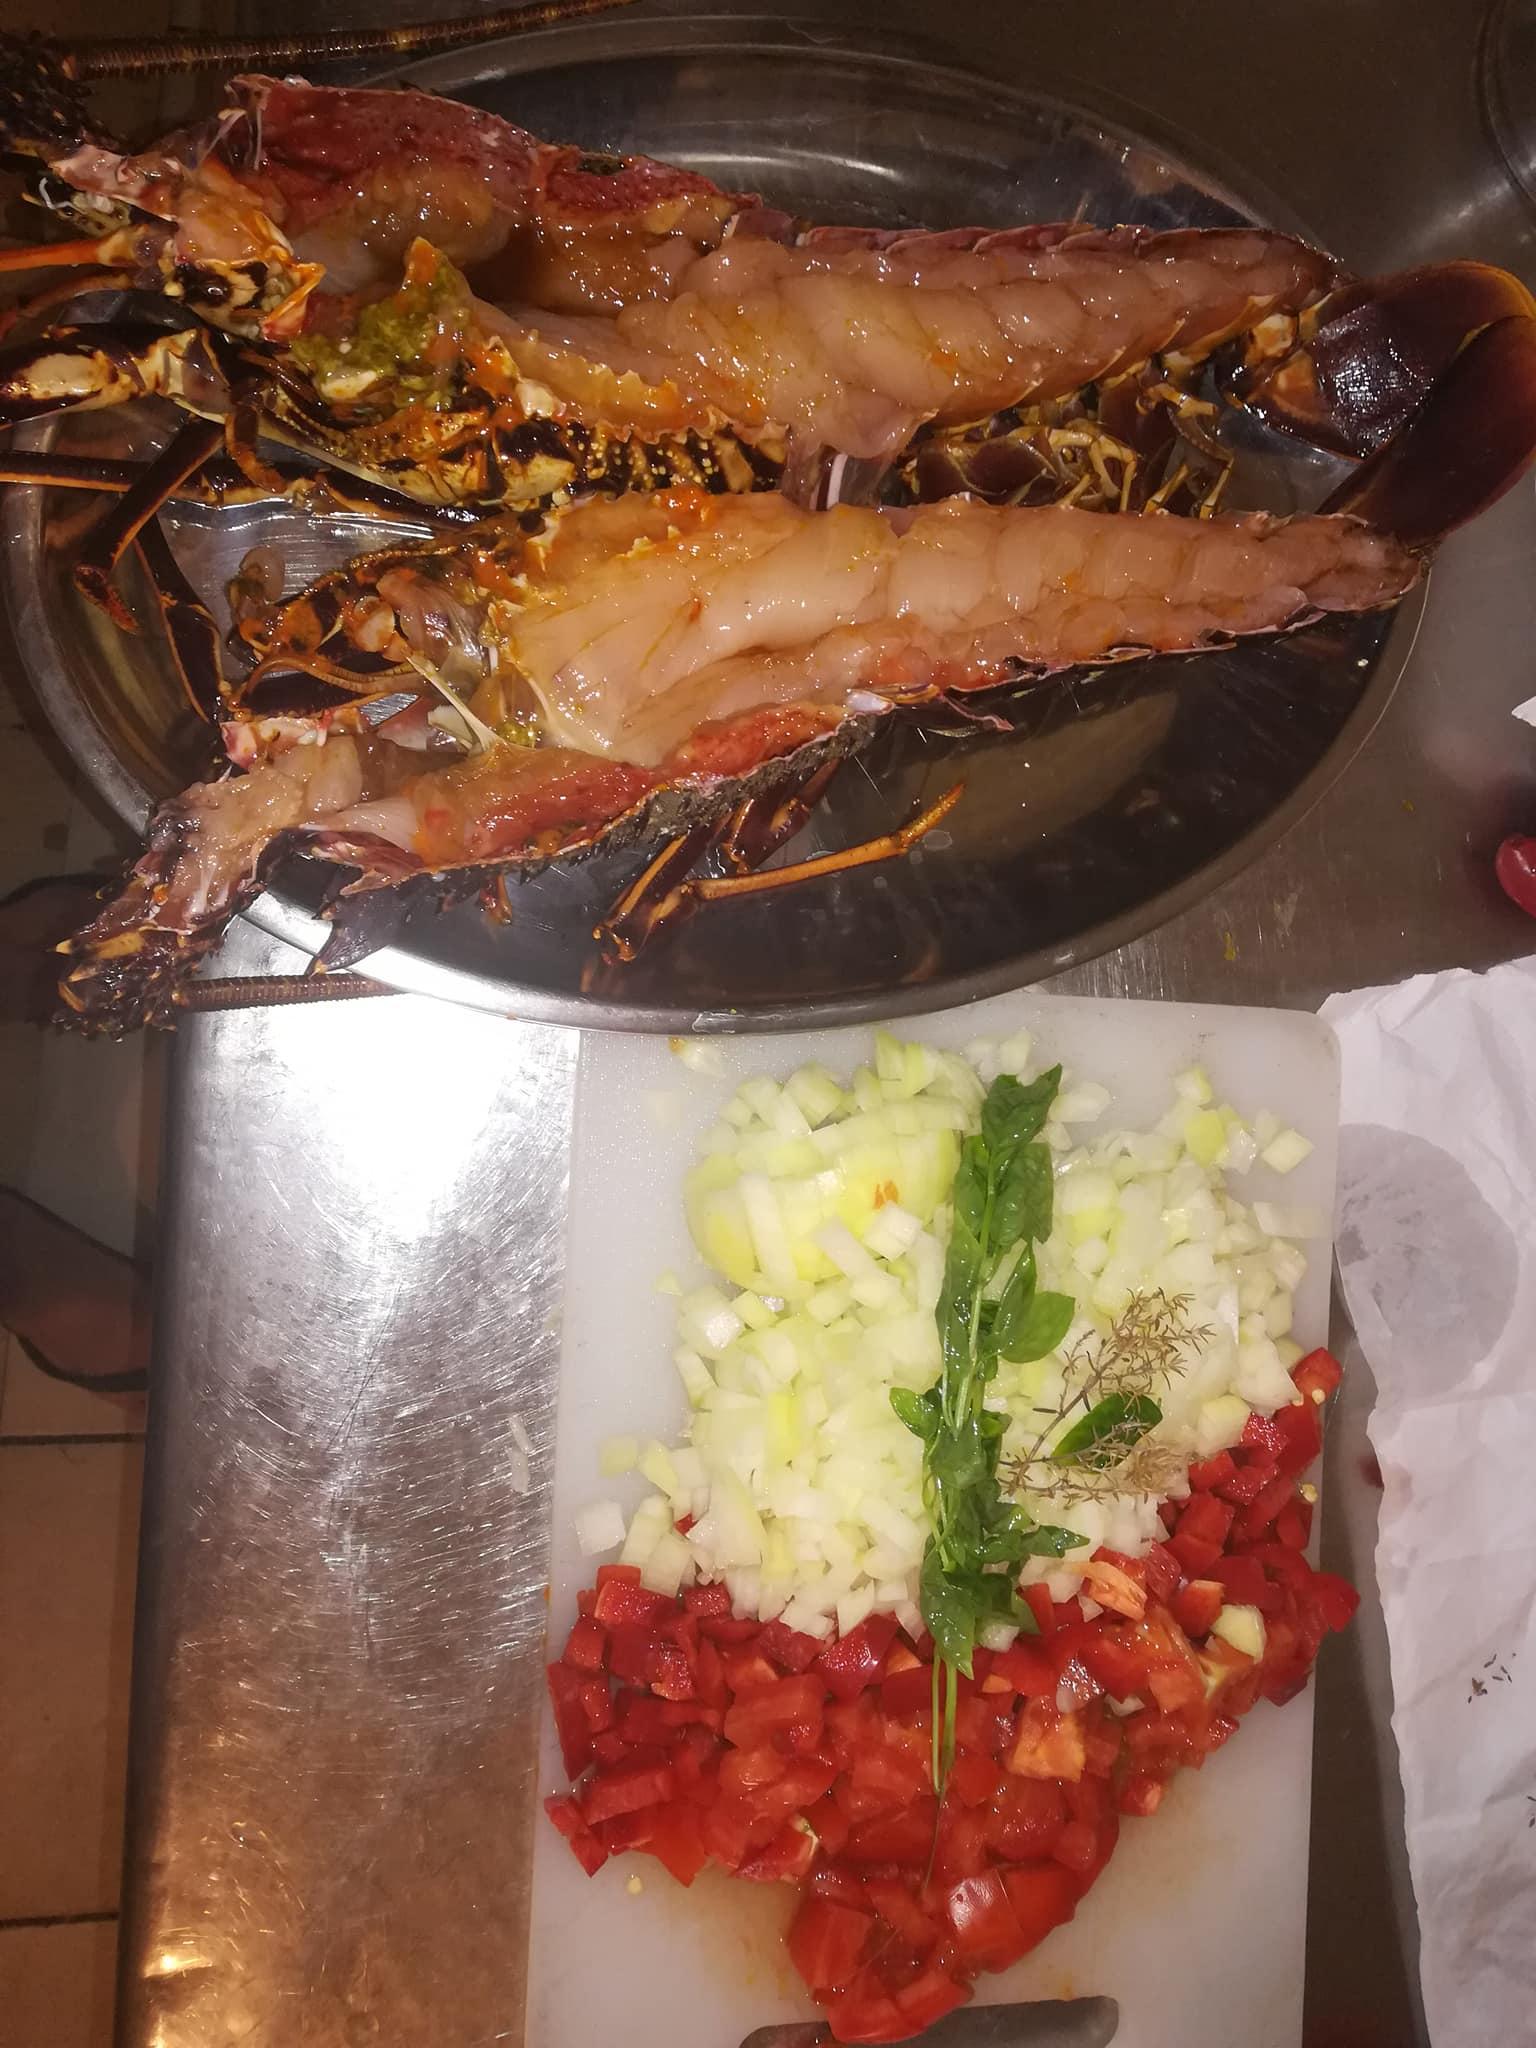 ΜΕΡΙΑΝΟΣ μαγειρείο Κέρκυρα   corfugreece.gr